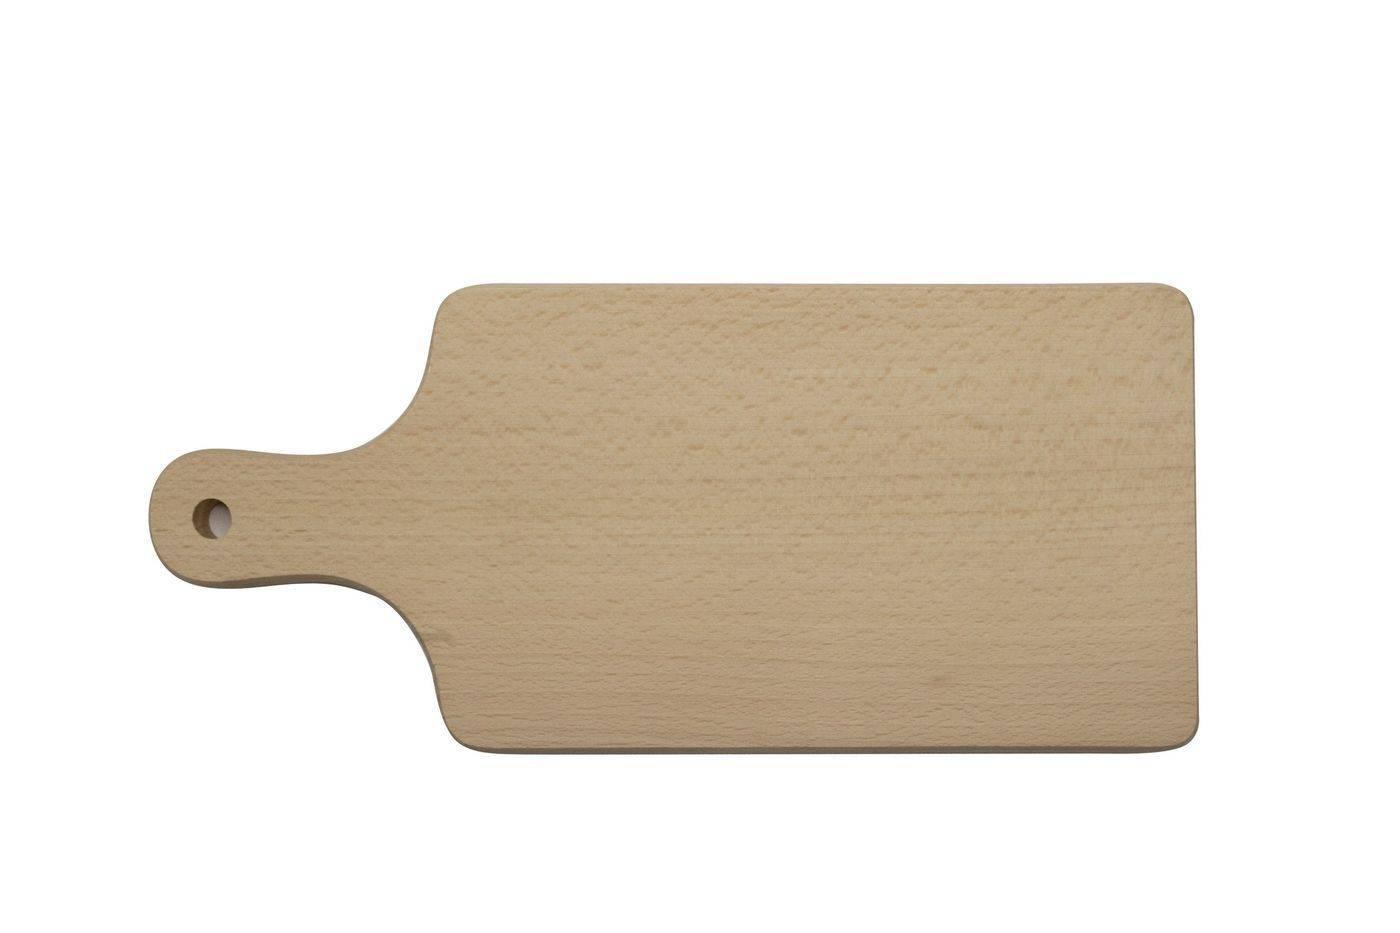 Prkénko s rukojetí, 390 x 175 x 16 mm - Dřevovýroba Otradov